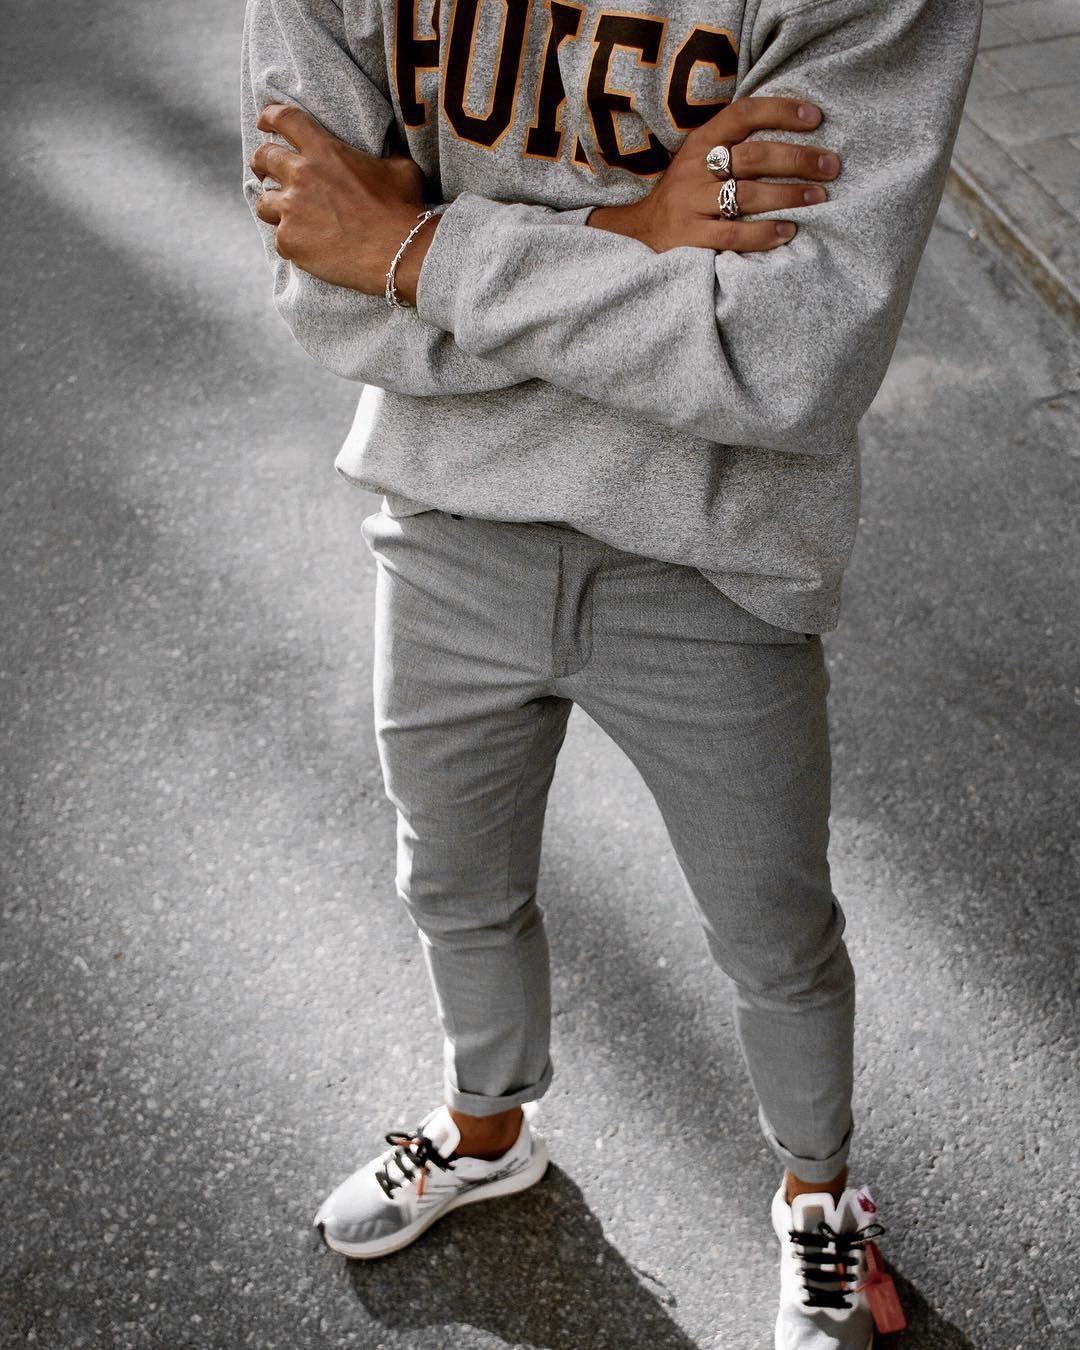 Pin de Tomas Cano en Moda masculina  4fc79892a47